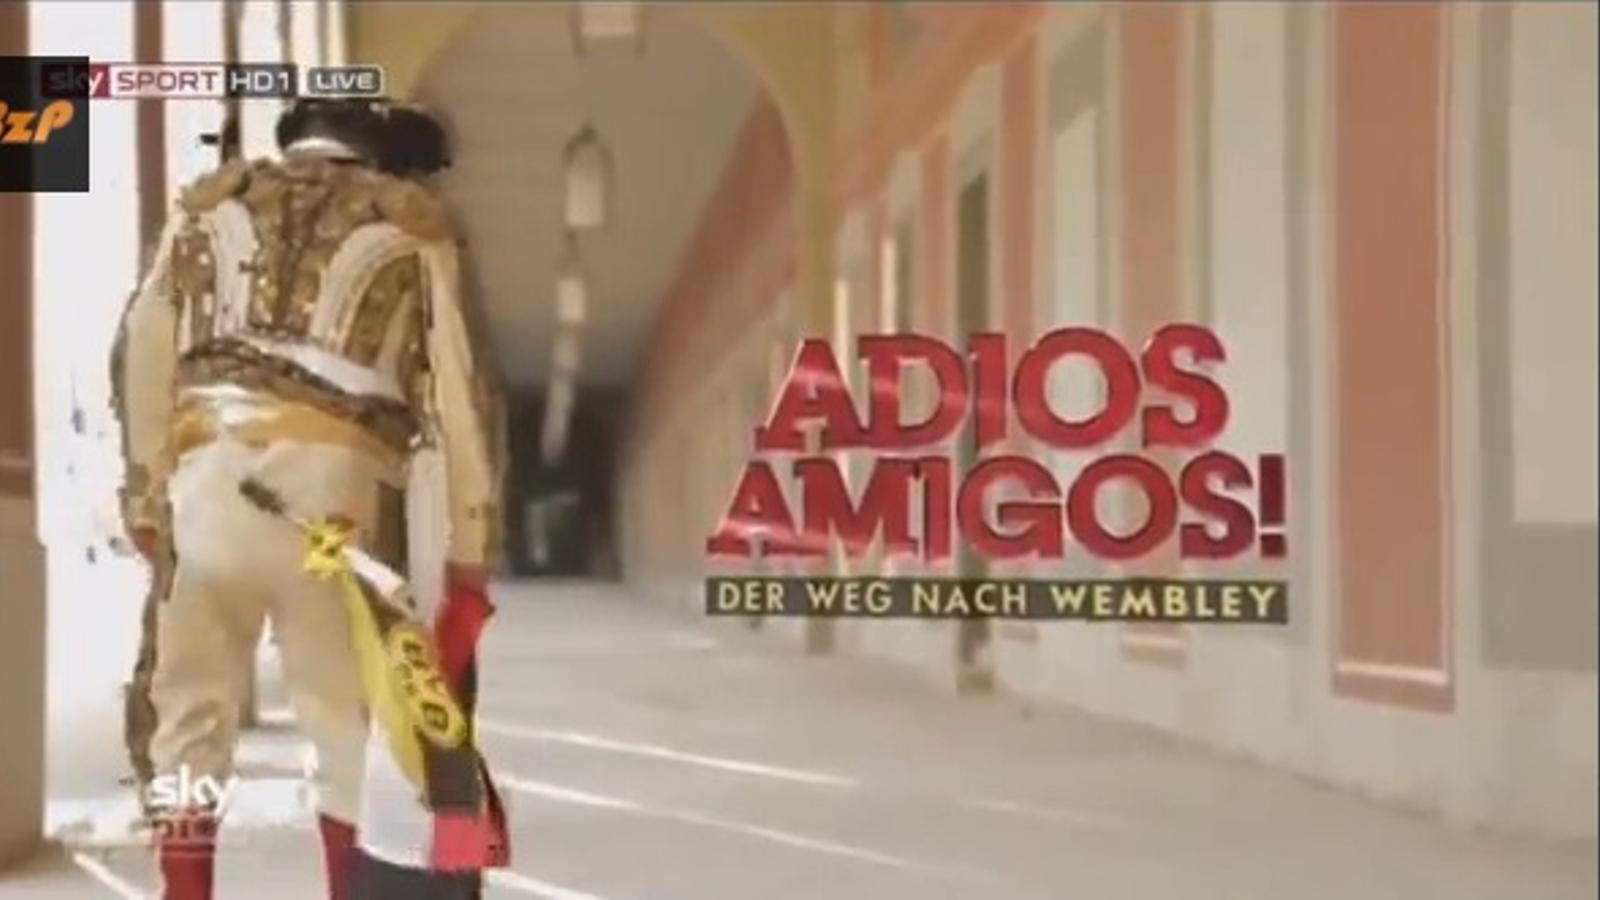 'Adiós amigos': l'anunci de la televisió alemanya sobre l'eliminació del Barça i el Madrid